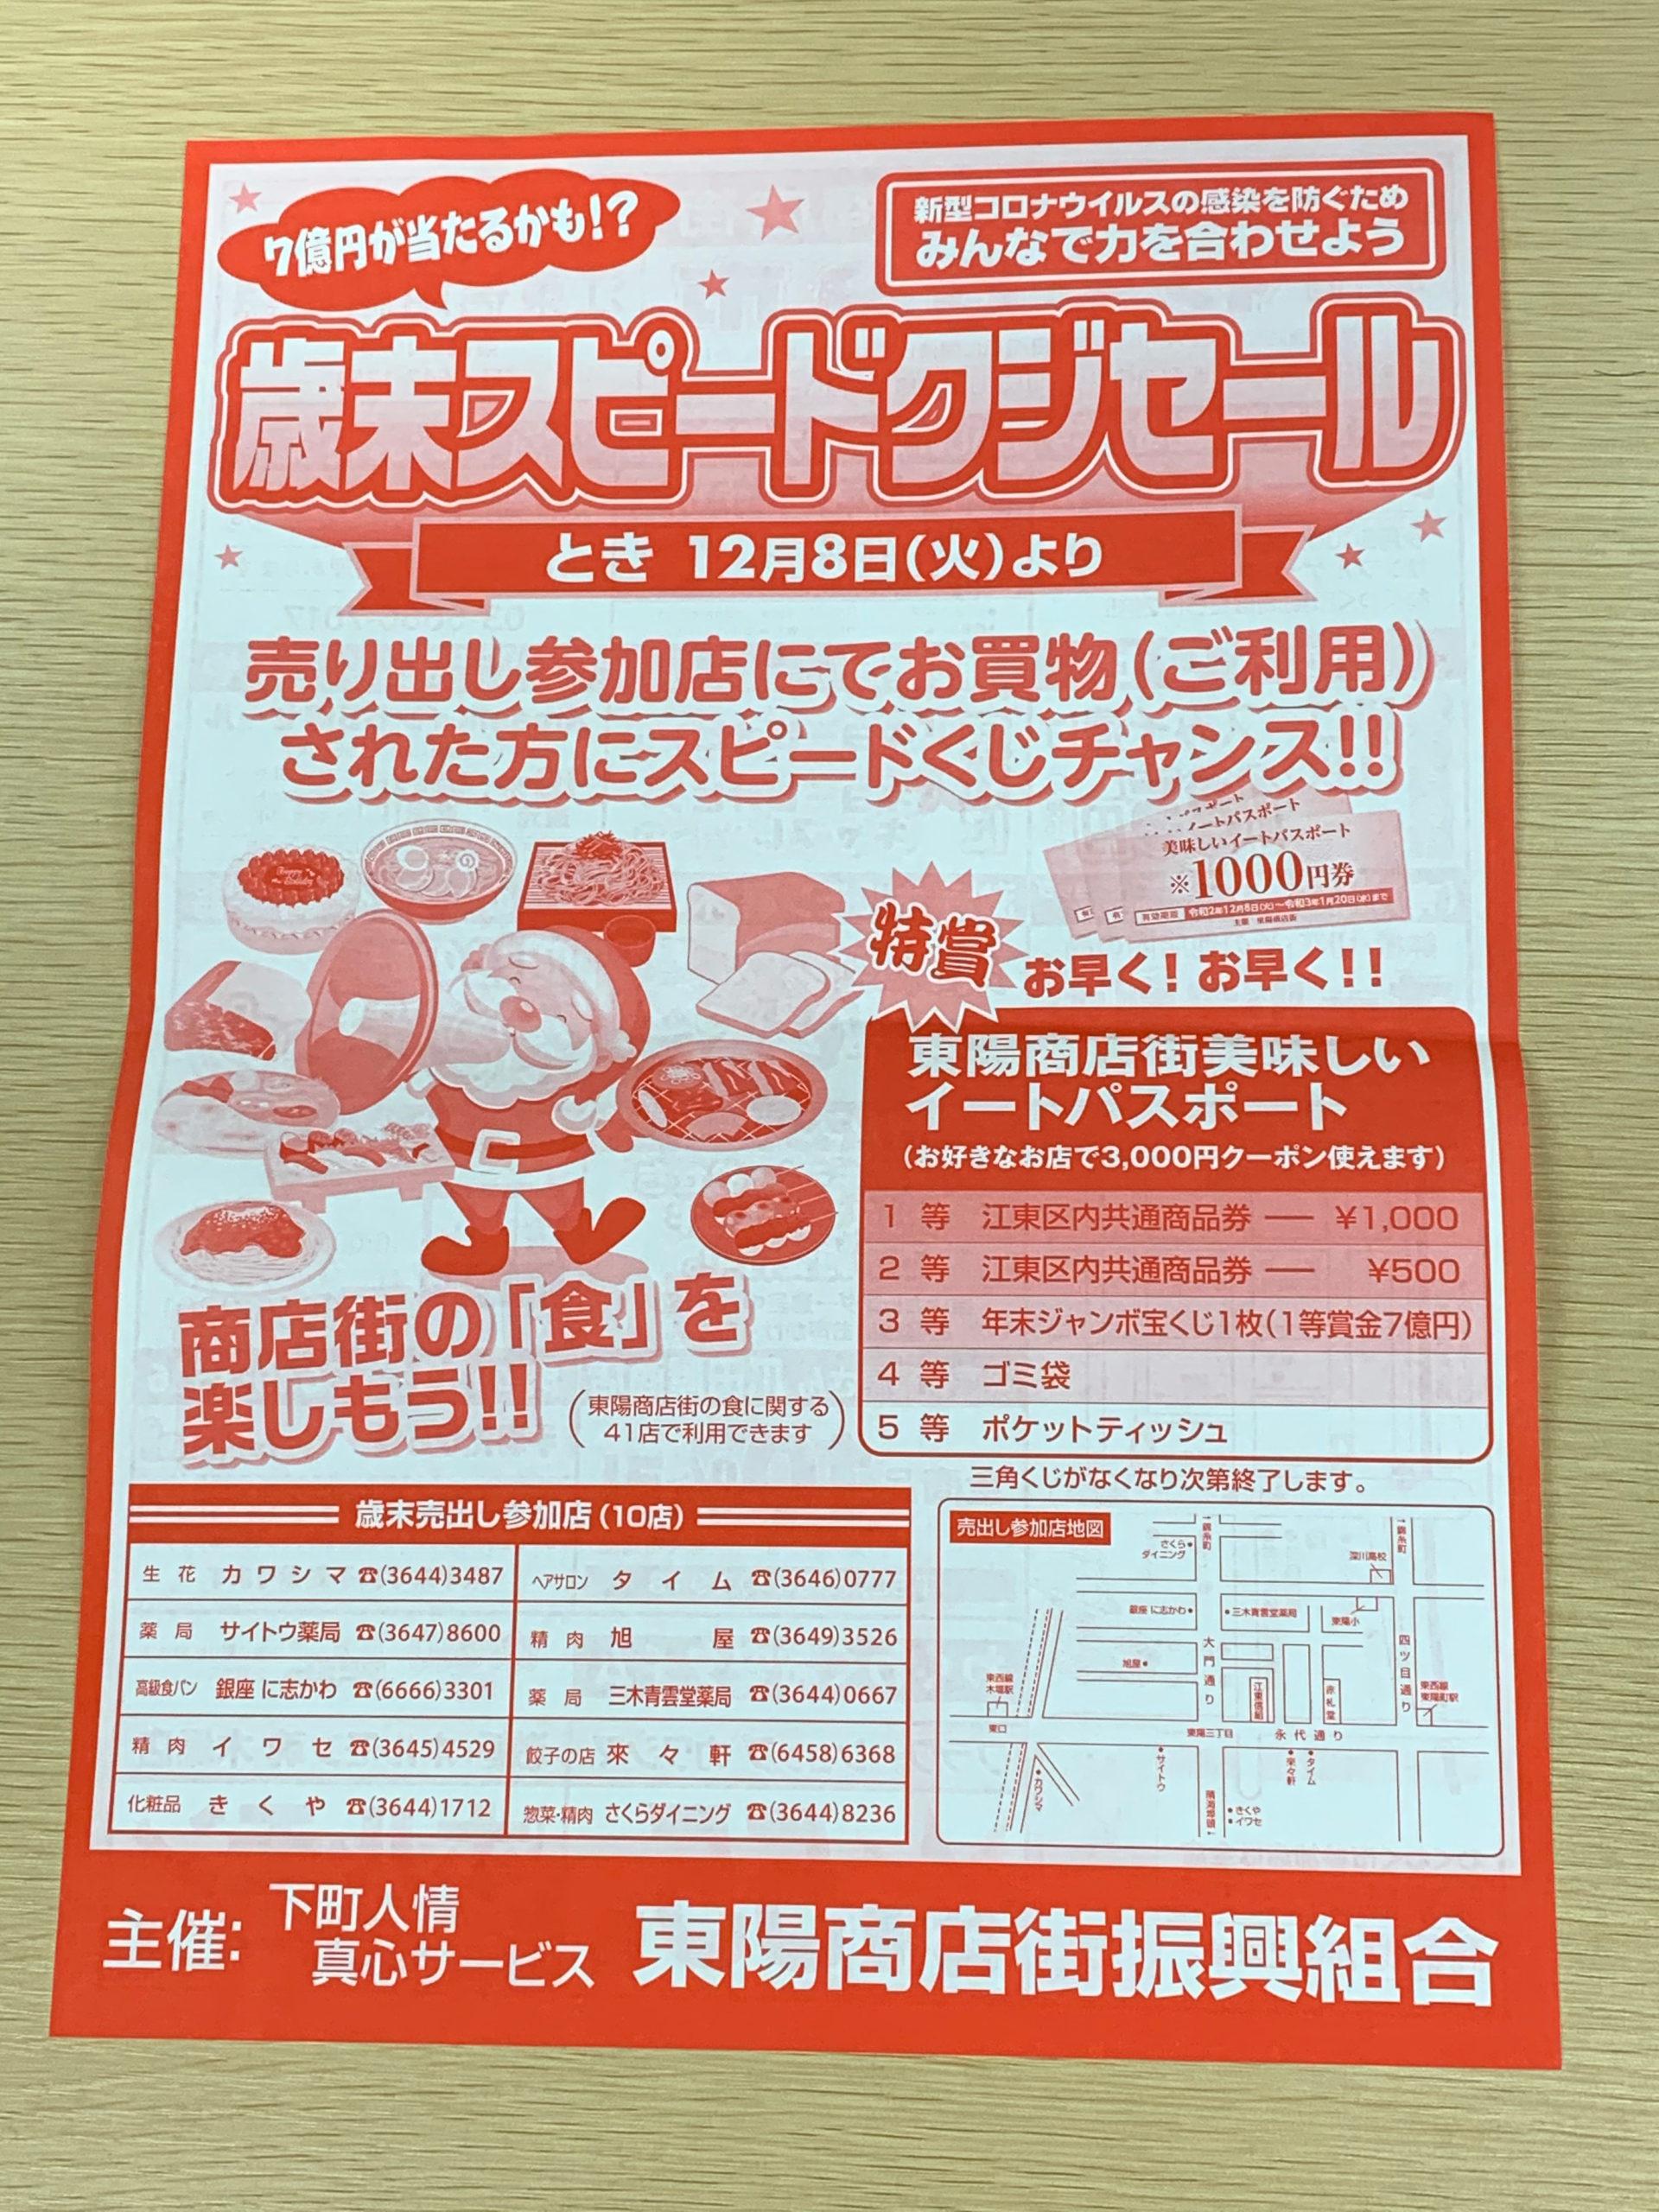 【江東区東陽商店街振興組合】わくわく市と歳末クジが開催されています